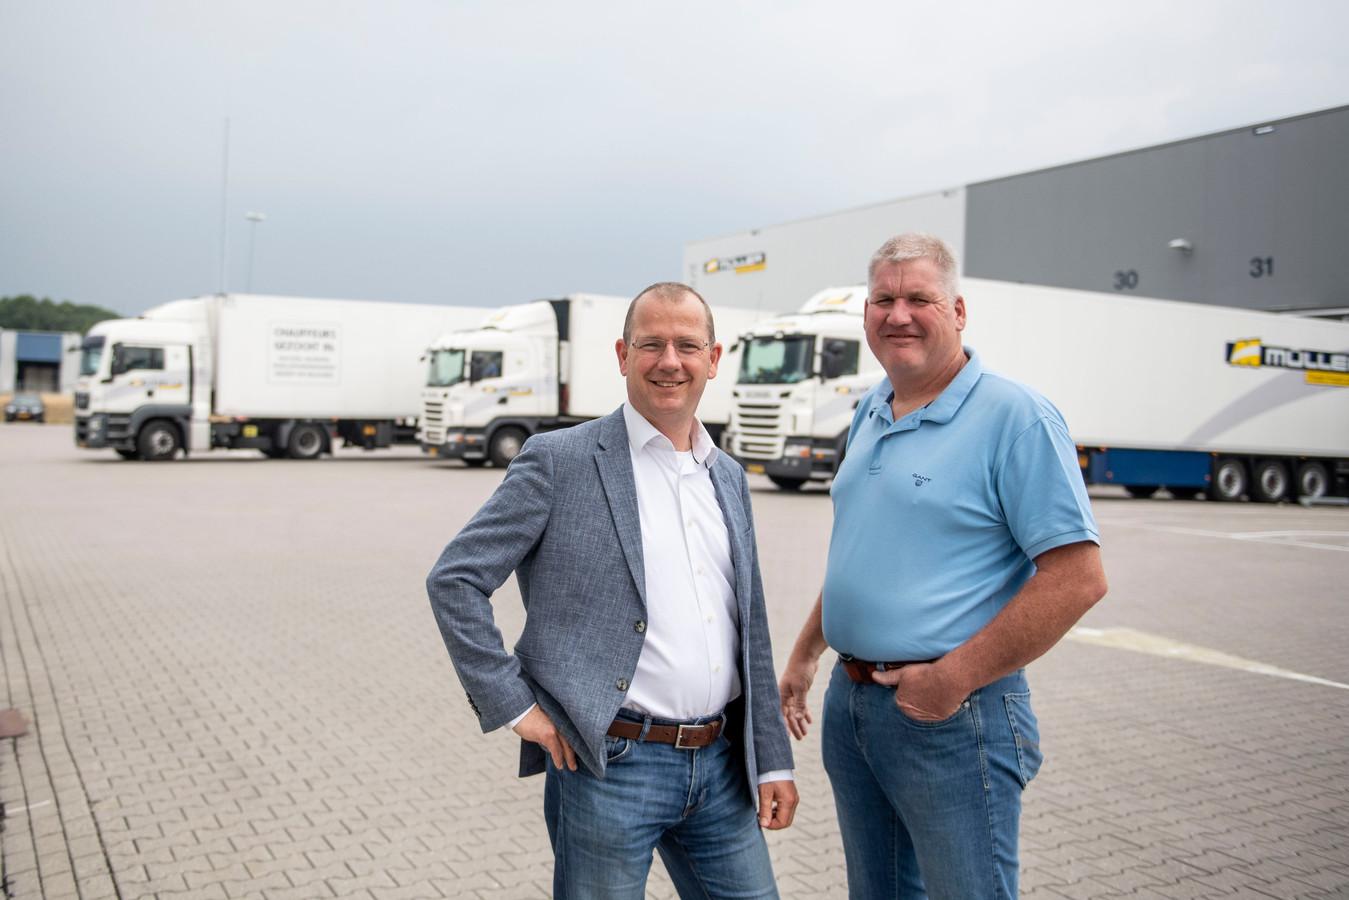 """Anton en Jan-Peter Müller van transportbedrijf Müller. """"Geheimen hebben we niet, niet voor elkaar en niet voor onze mensen. Ondanks dat we zoveel werknemers hebben, proberen we het wel persoonlijk te houden."""""""